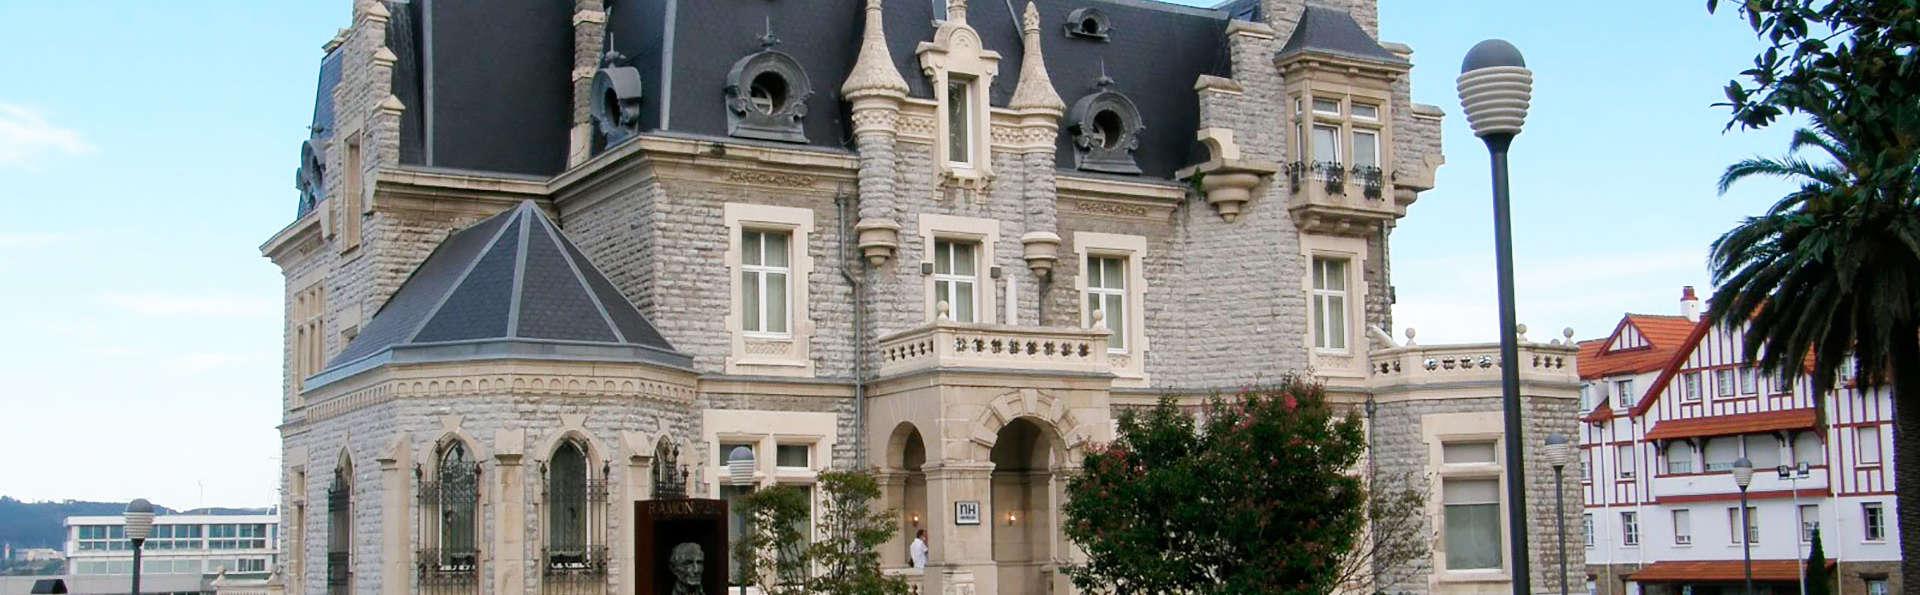 Oferta Exclusiva: Habitación Superior con Media Pensión en un Palacio frente al Mar (desde 2 noches)